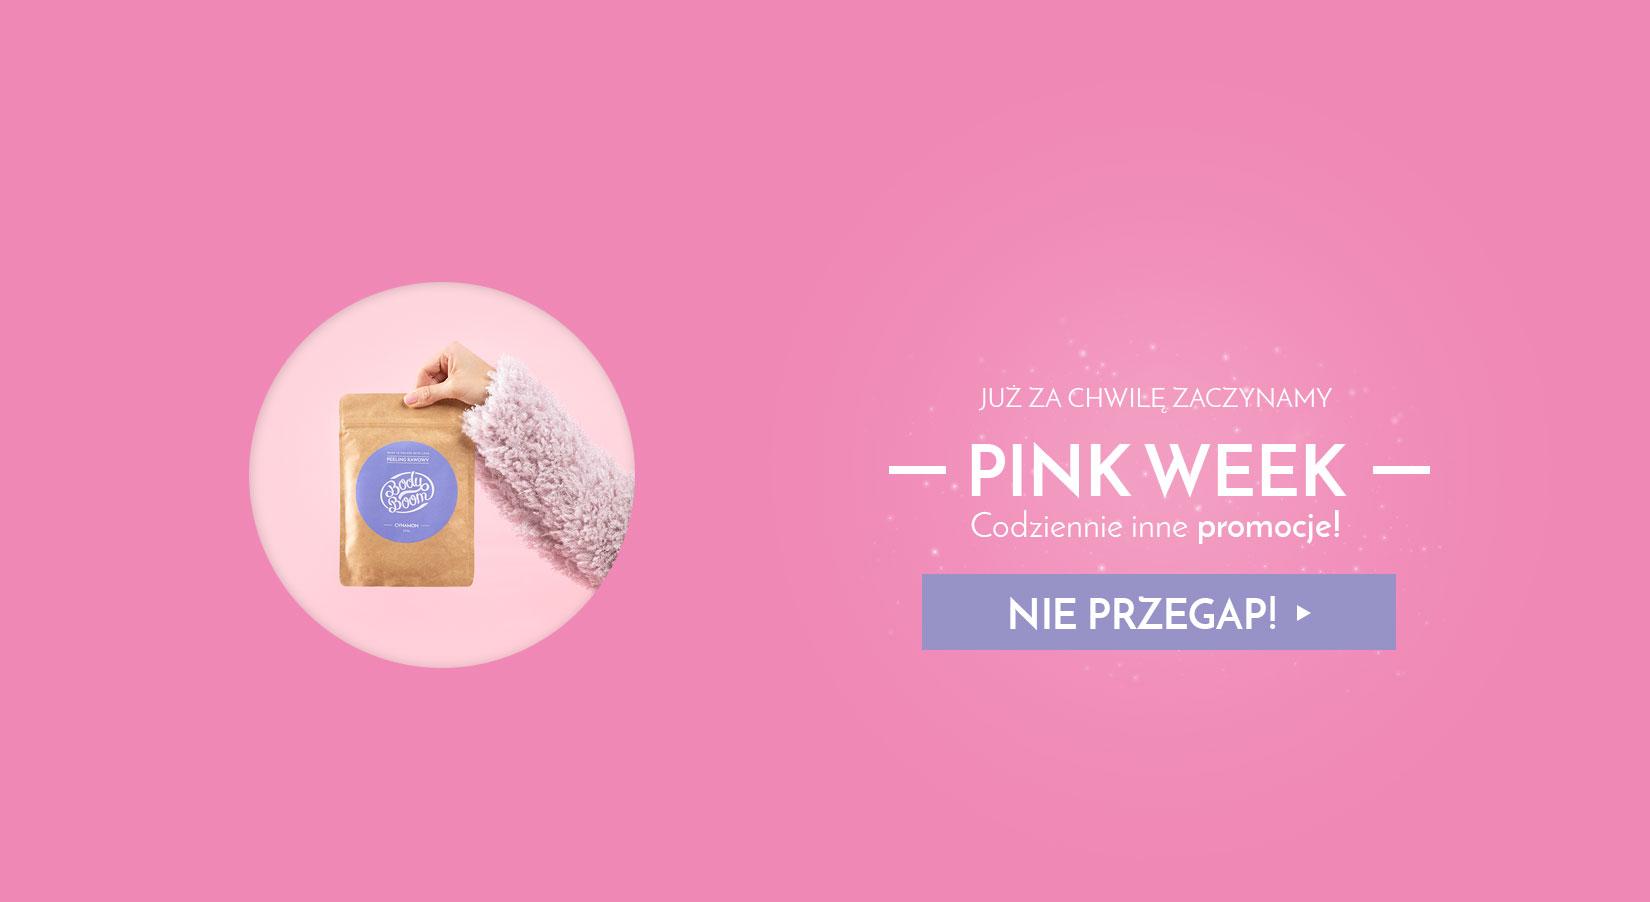 Pink Week codziennie inne promocje!